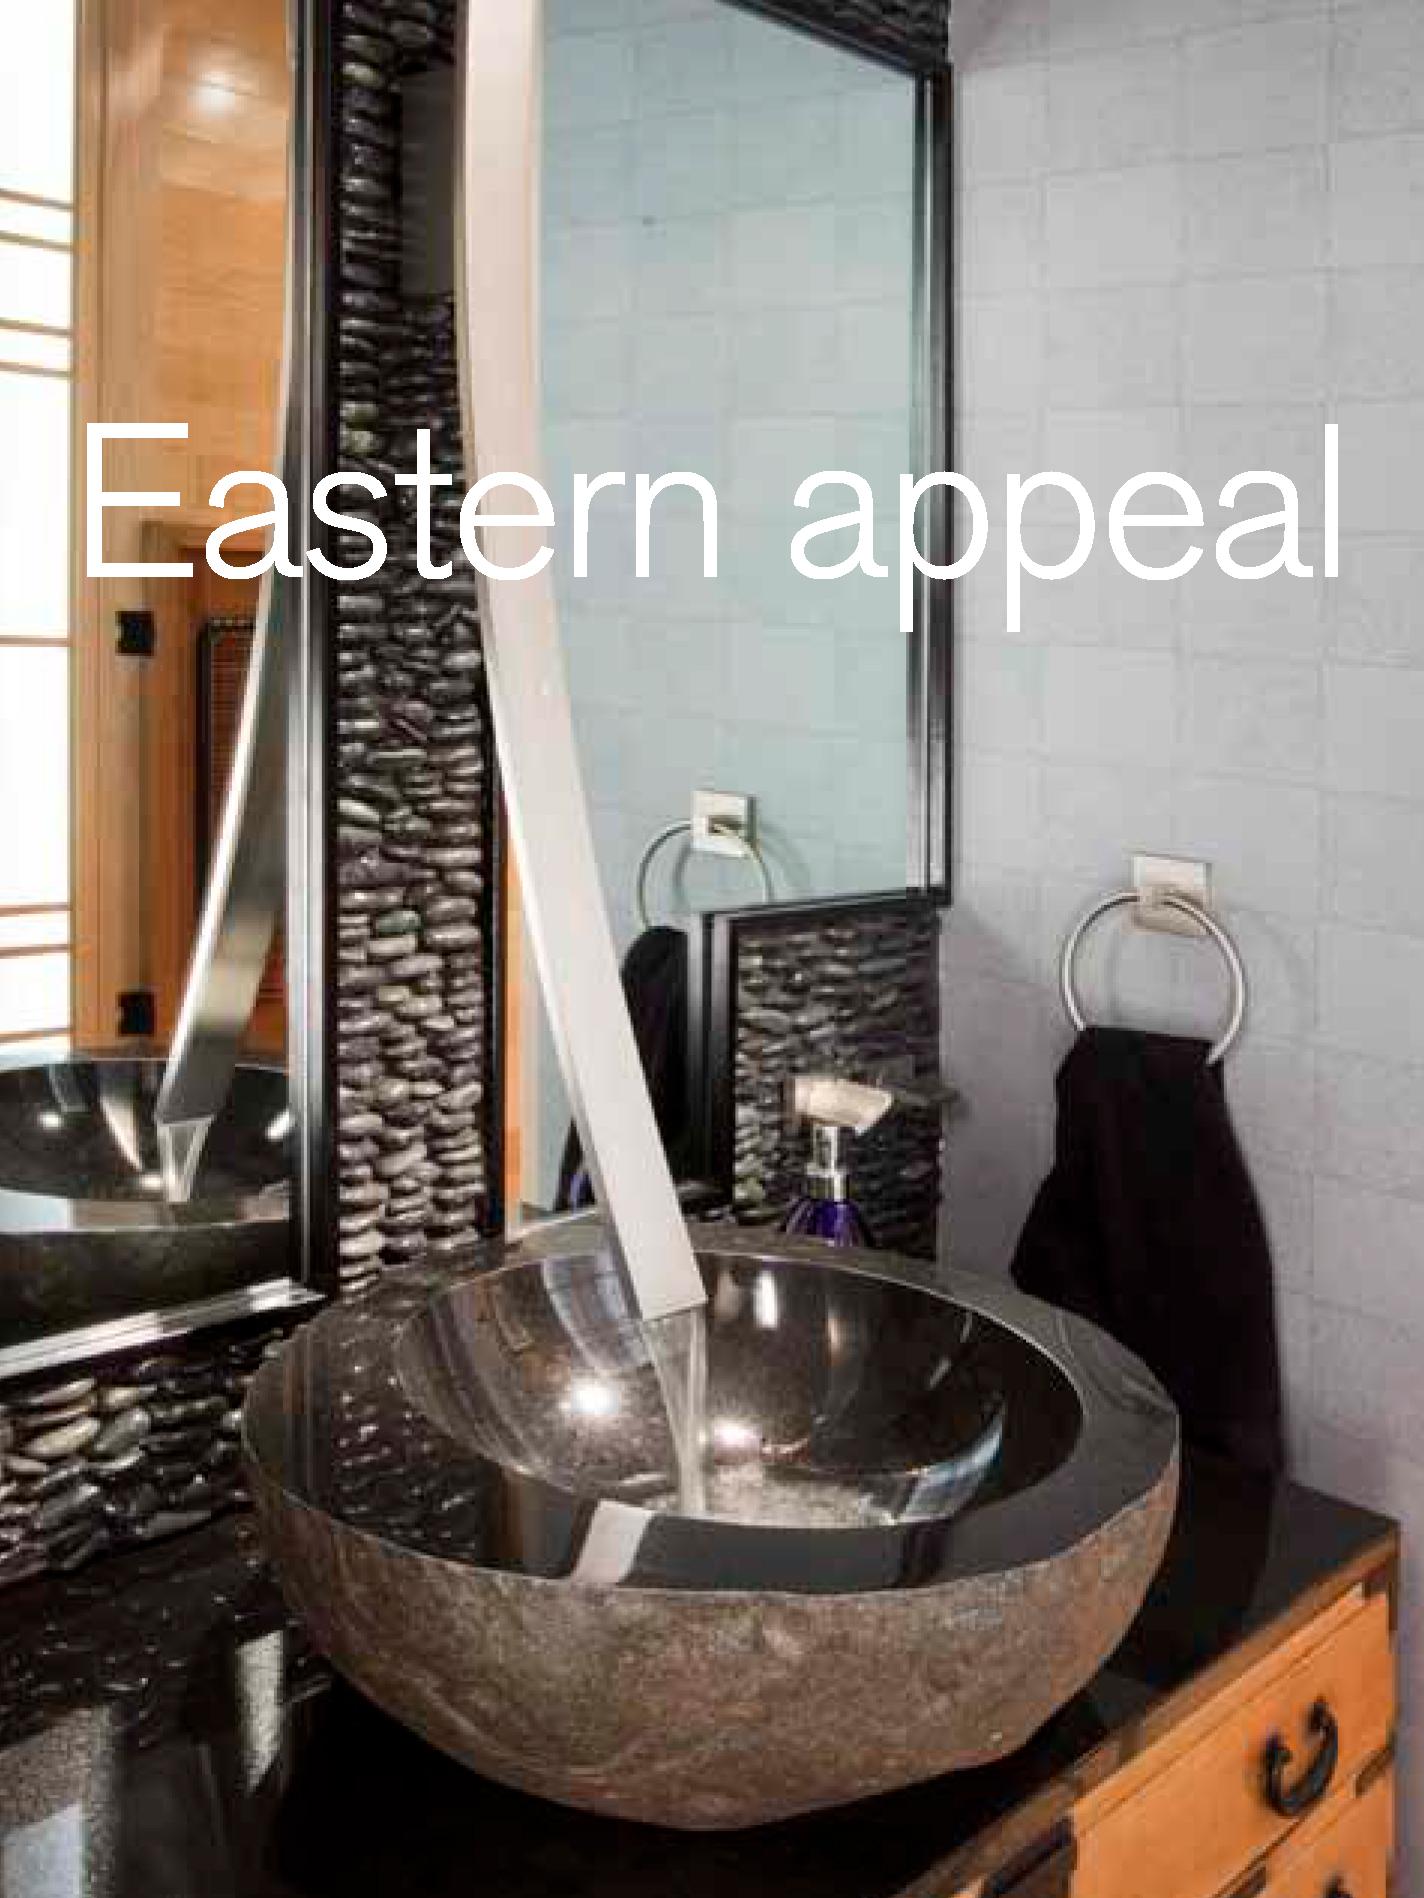 TrendsIdeas-Eastern Appeal